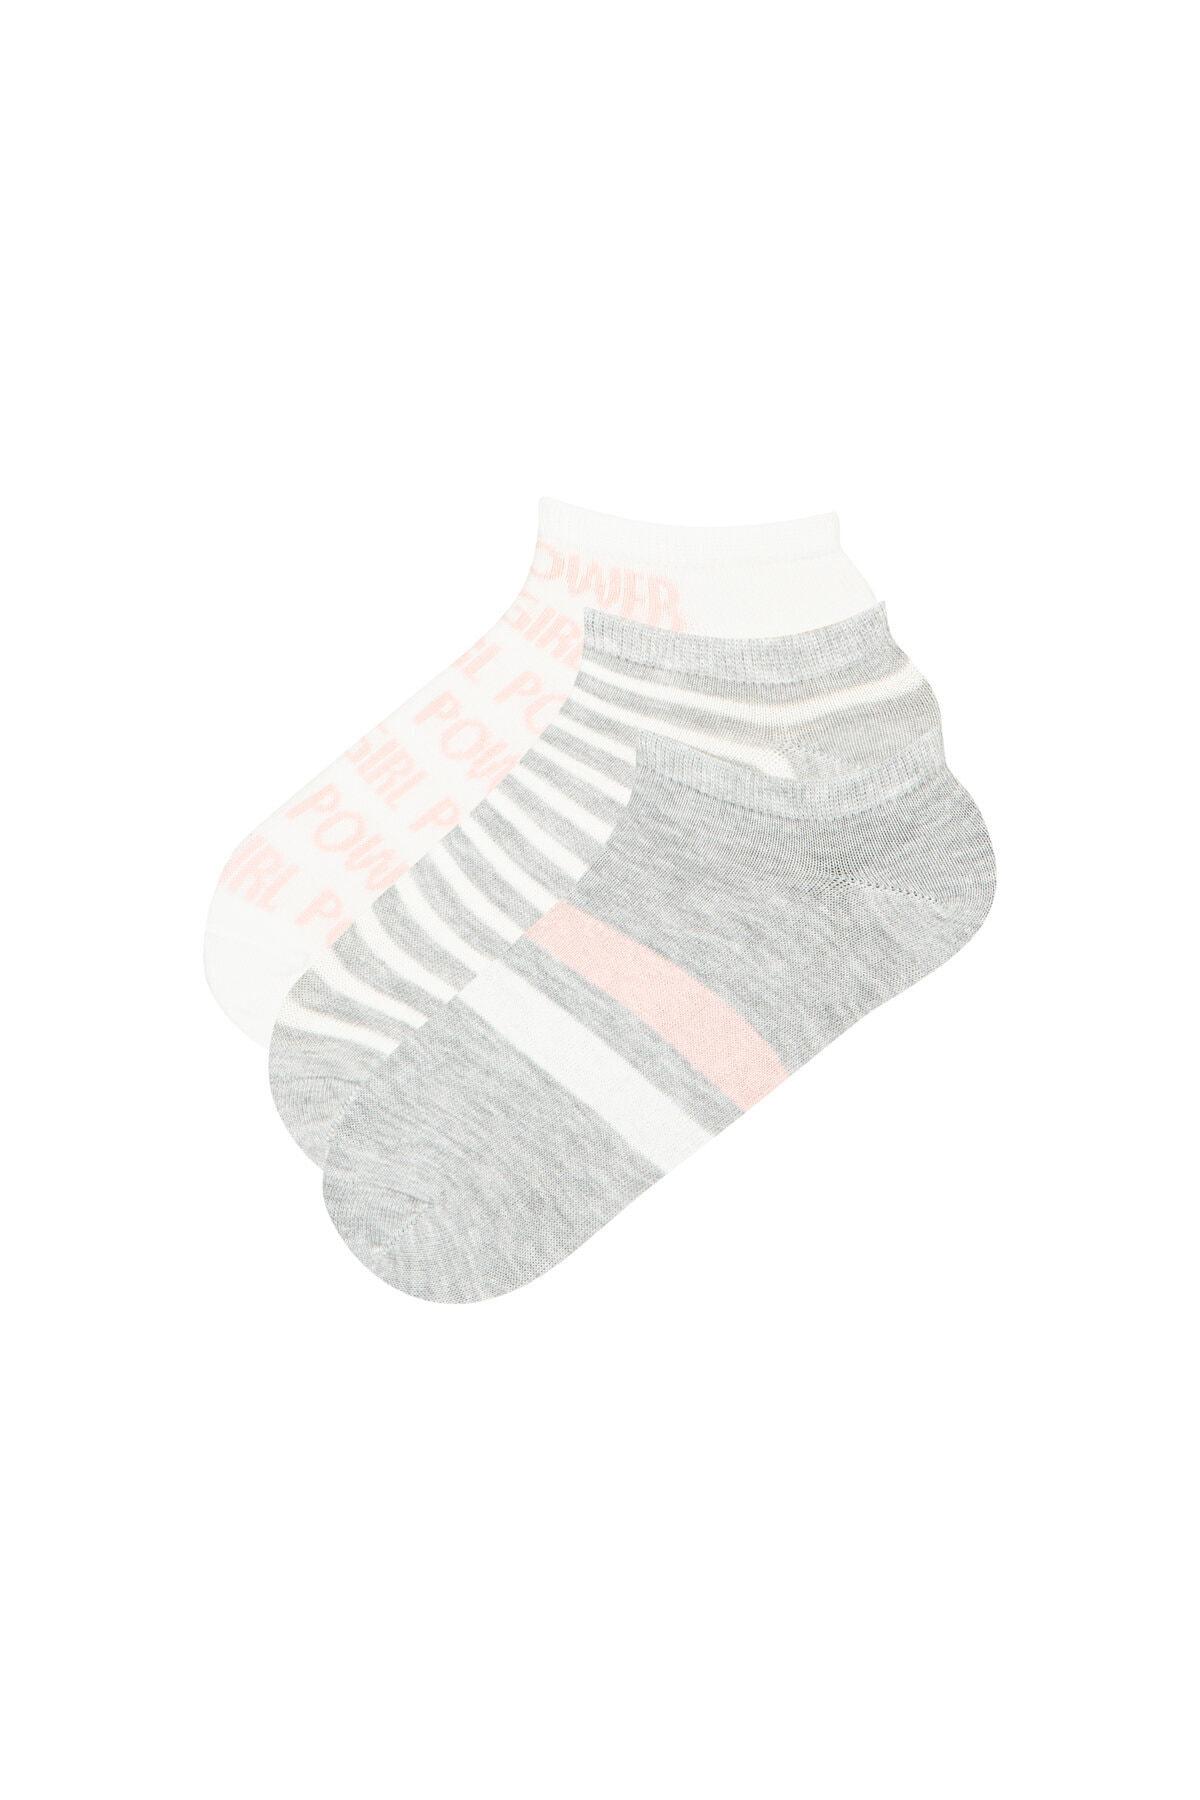 Gri Beyaz Gırl Power  Patik Çorap 3lü